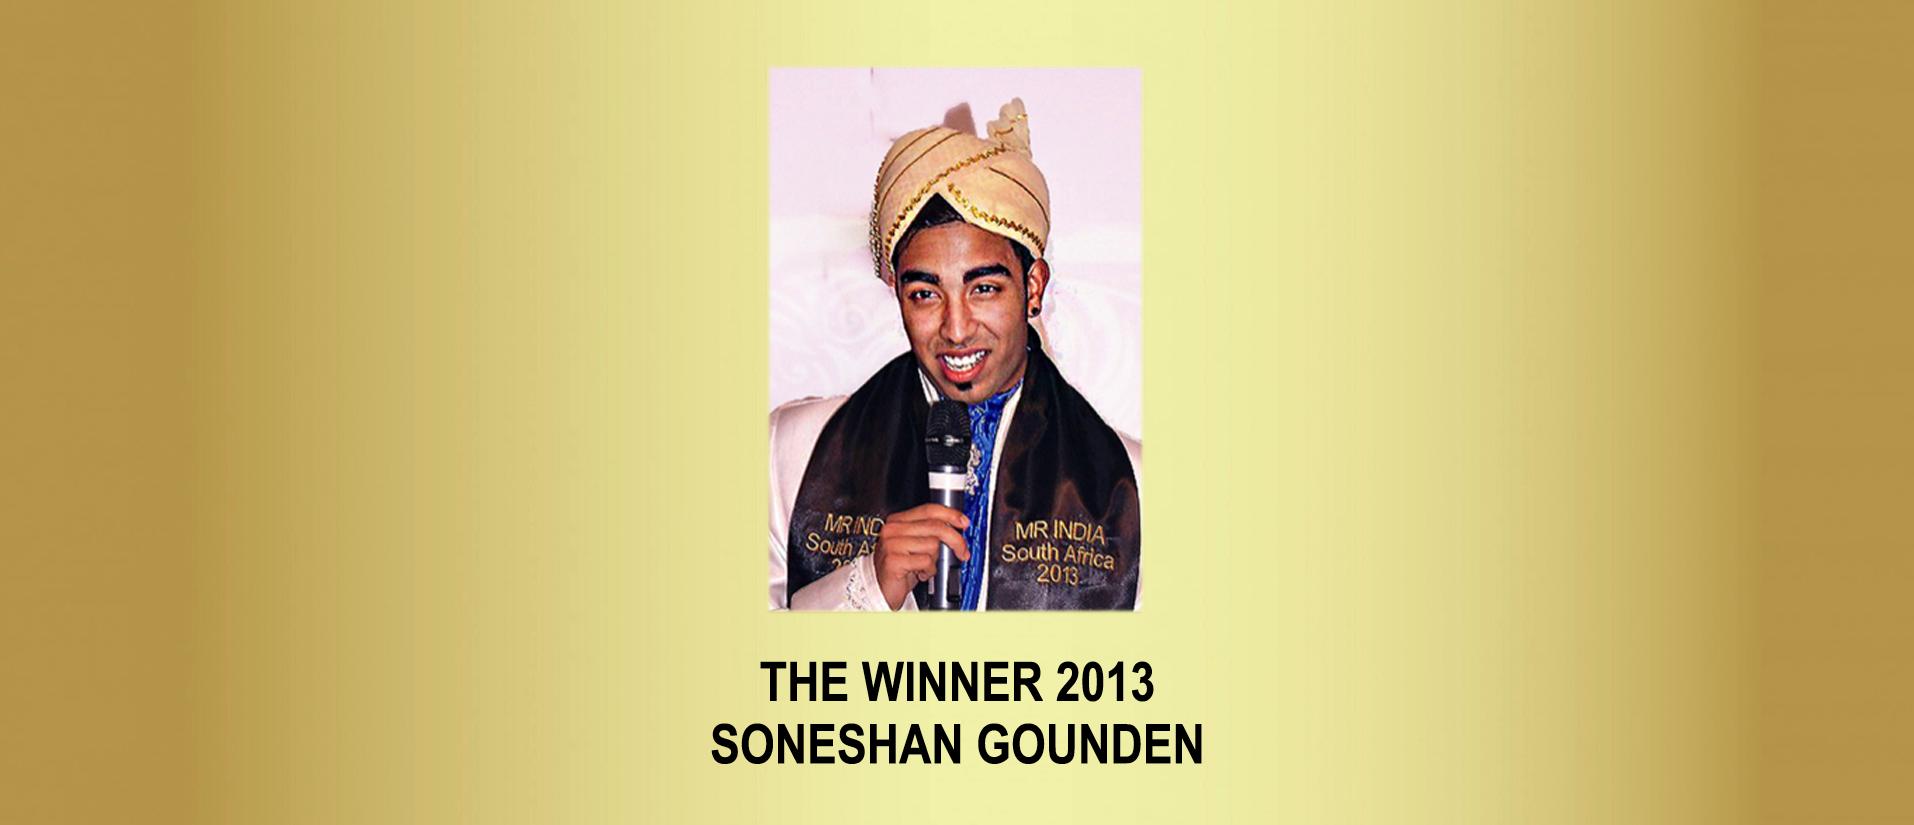 winner 2013